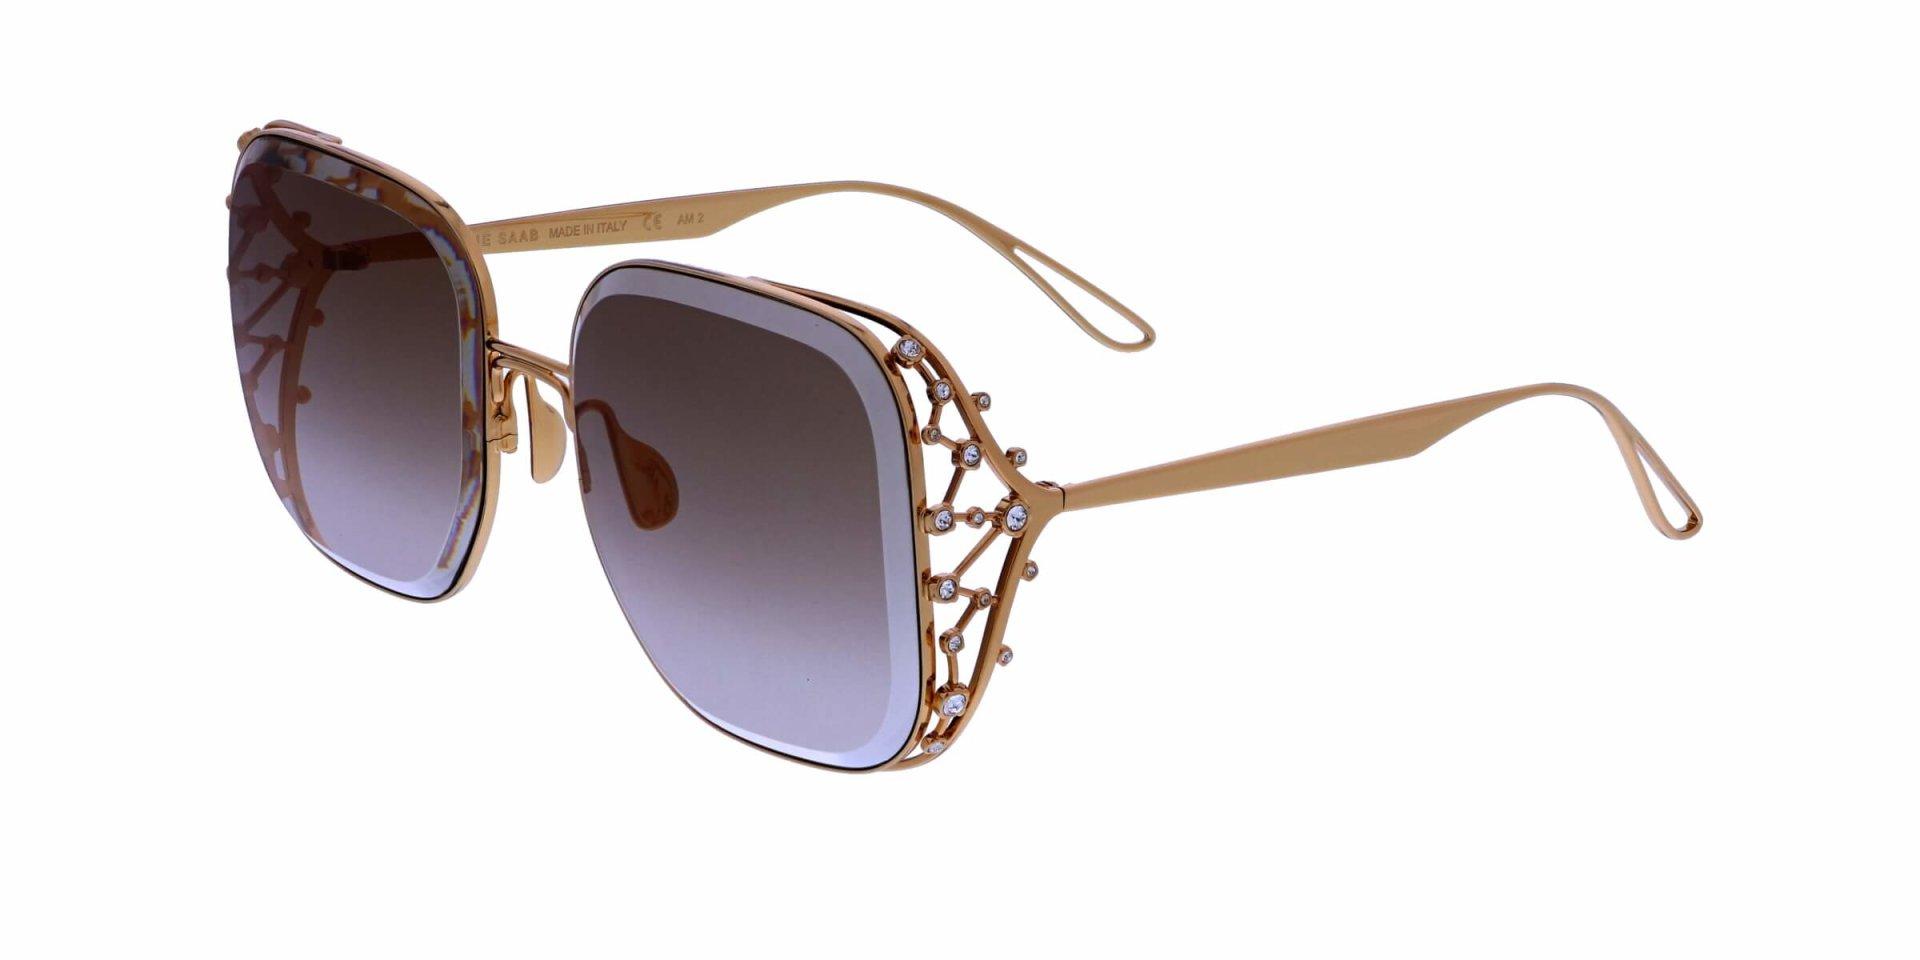 Sunglasses Elie Saab Opticlasa